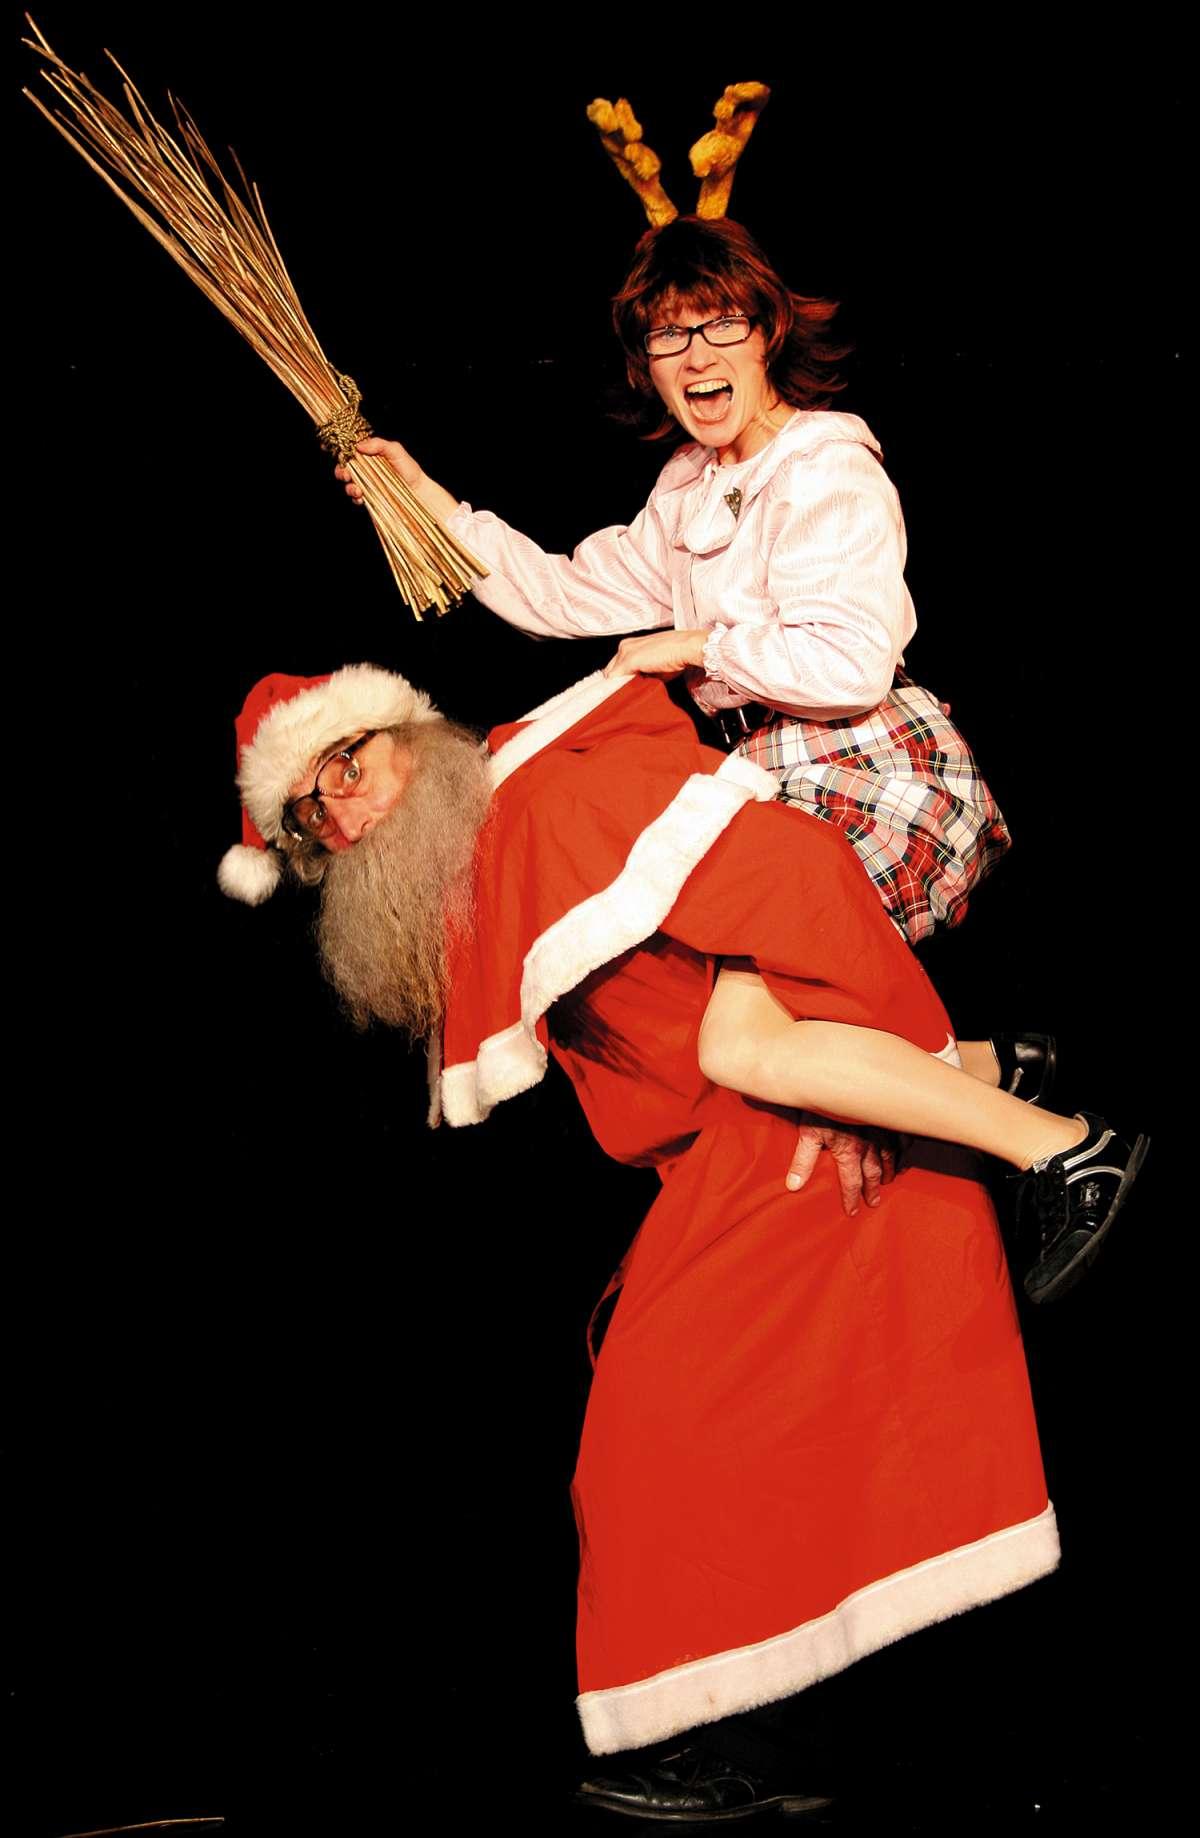 Die skurile Weihnachtsfeier mit Willi Lieverscheidt und Kascha B. - Compagnia Buffo  präsentiert: Weihnachtsfeier - Kulturzentrum Schlachthof KS - Kassel